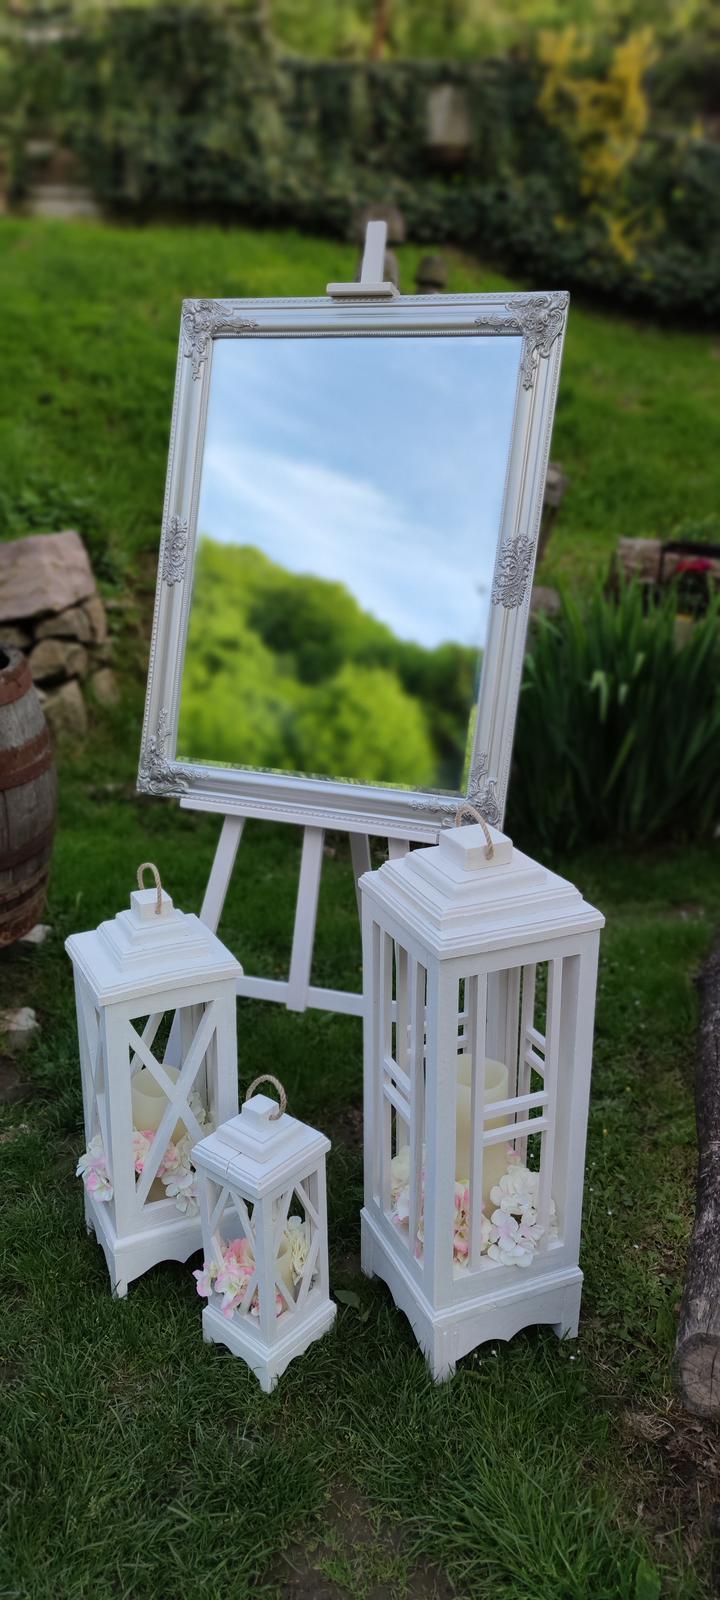 Zasadací poriadok zrkadlo na stojane - Obrázok č. 1